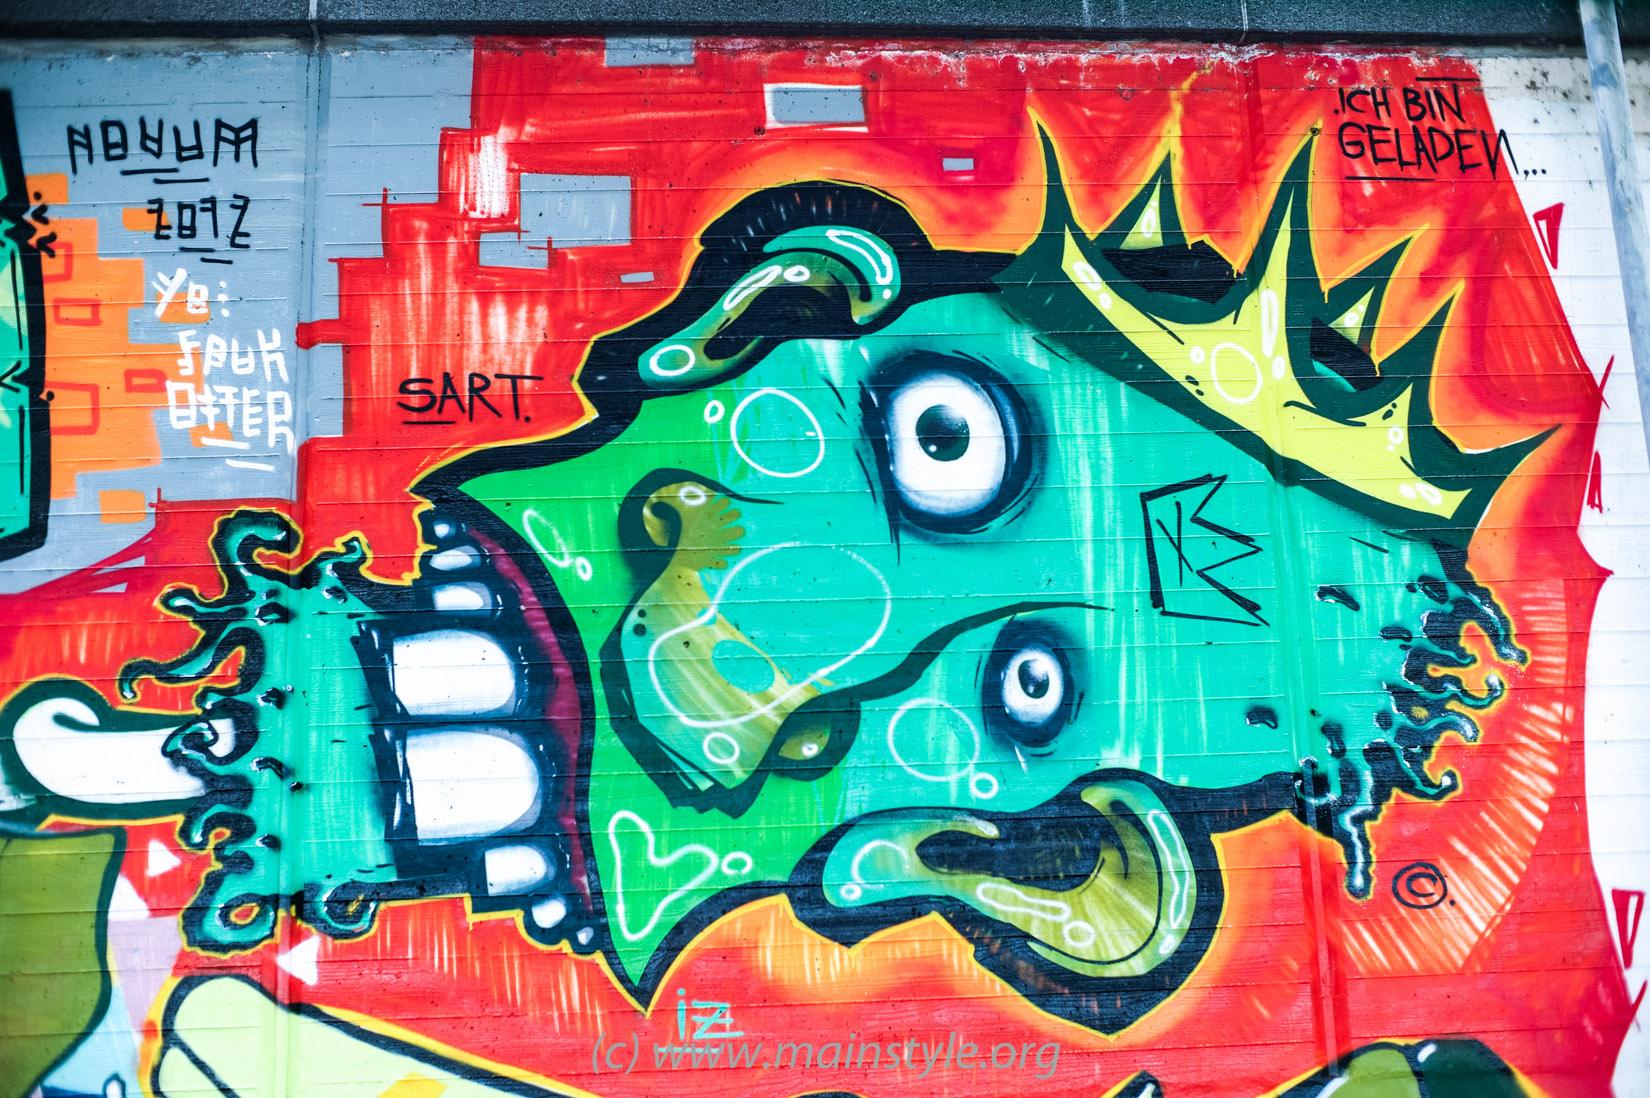 Frankfurt-Höchst_Graffiti_Süwag-Wall_2012 (10 von 35)